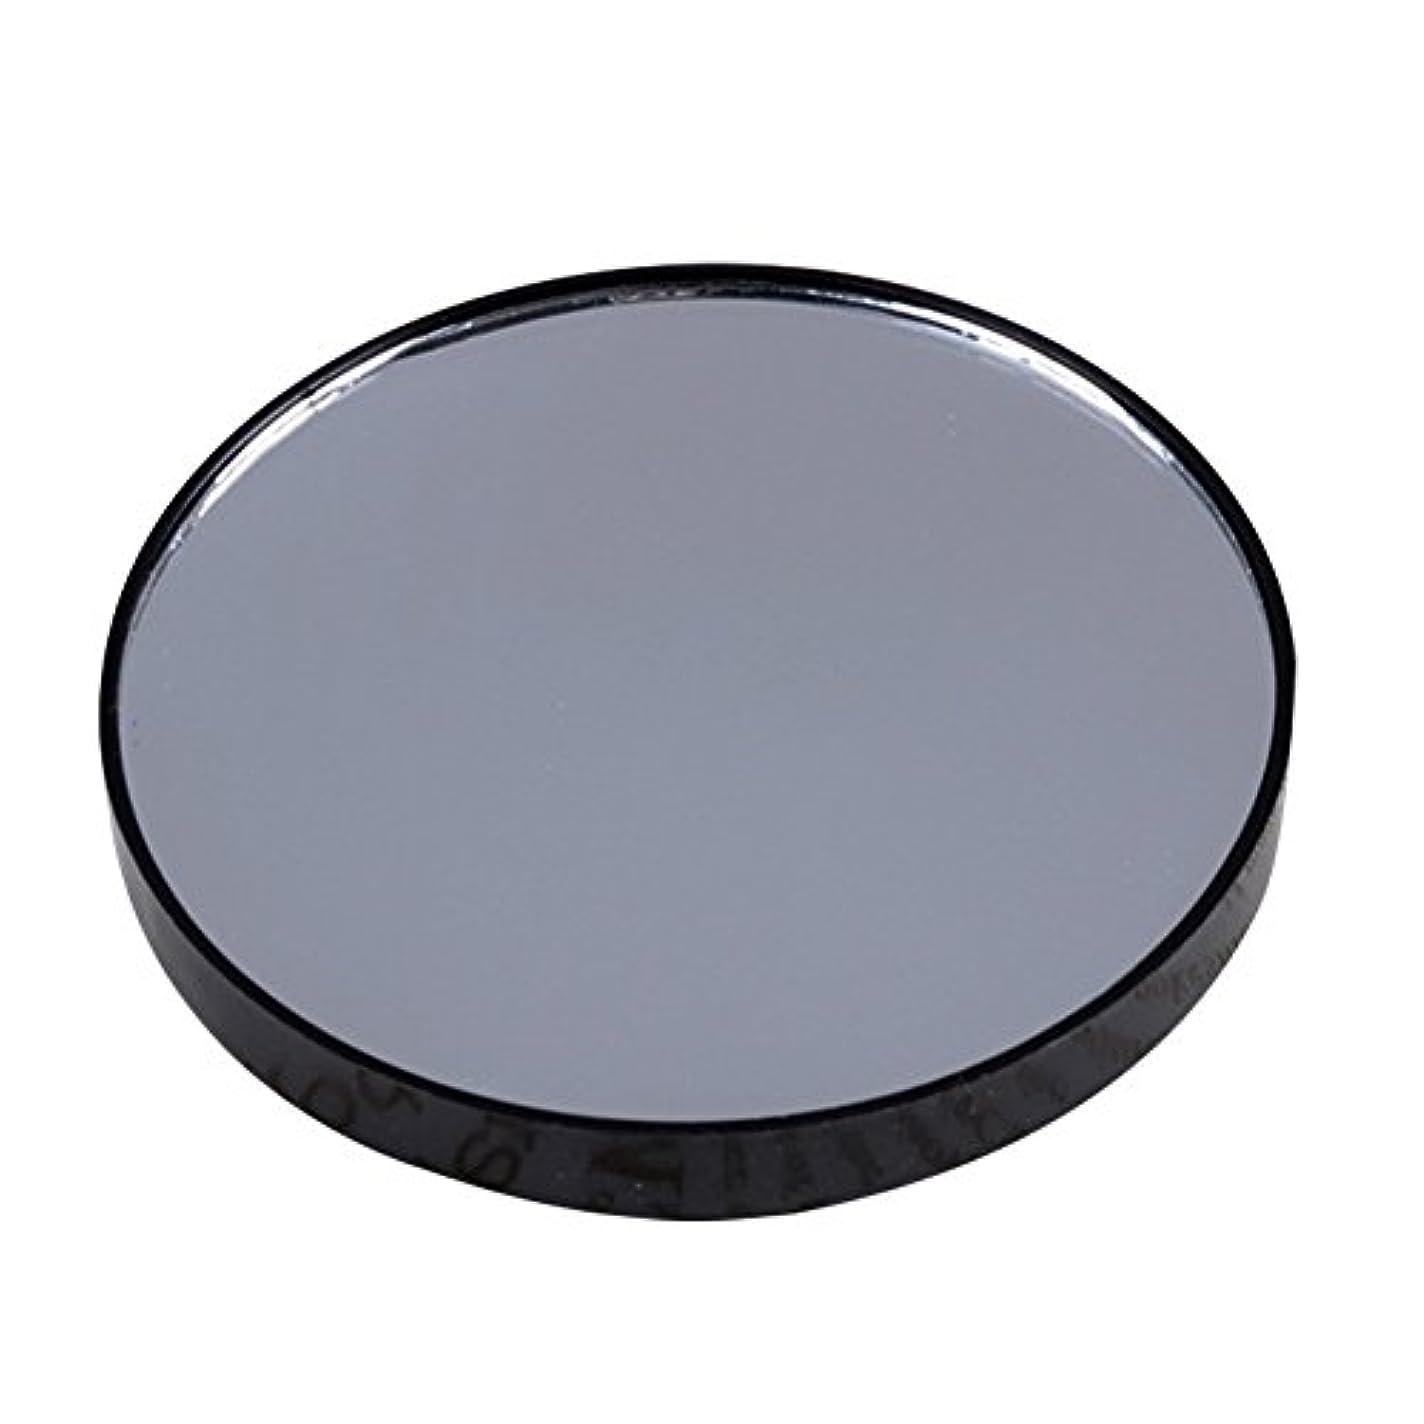 良心急襲ナースYideaHome メイクアップミラー 化粧鏡 拡大鏡 5倍 10倍 15倍 強力吸盤付き メイクミラー 化粧ミラー (15倍)